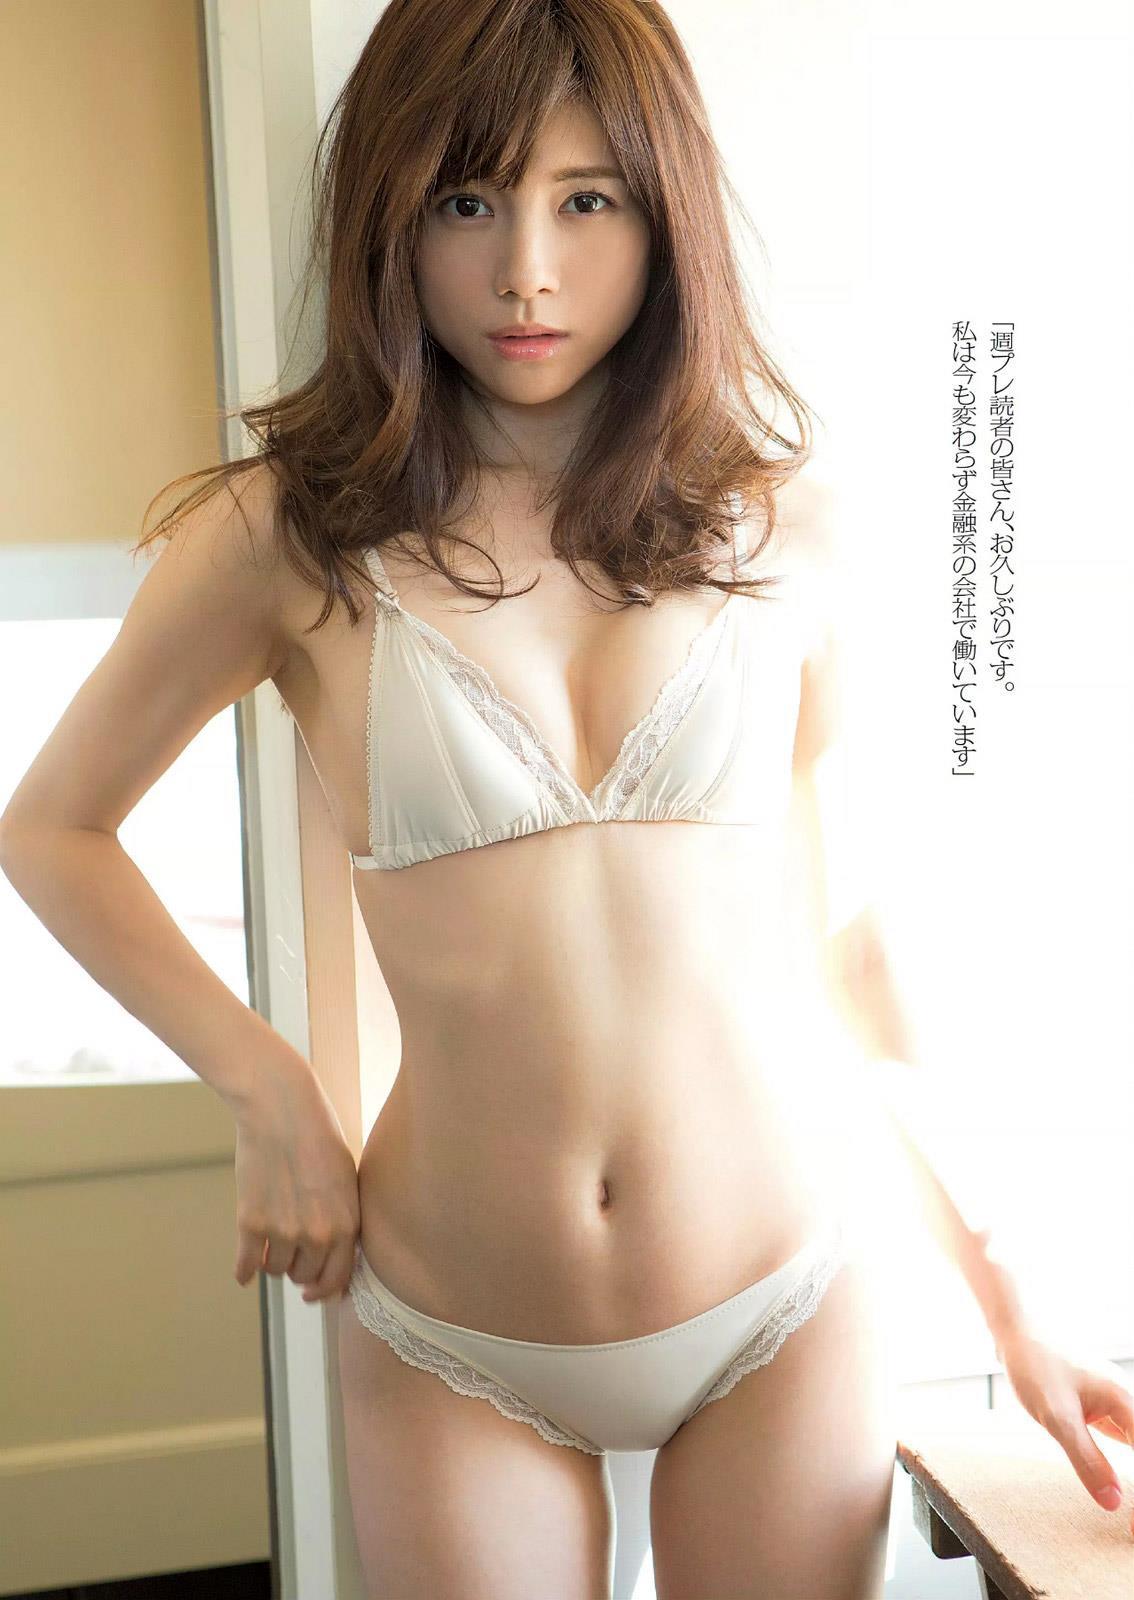 松川佑依子 画像 104